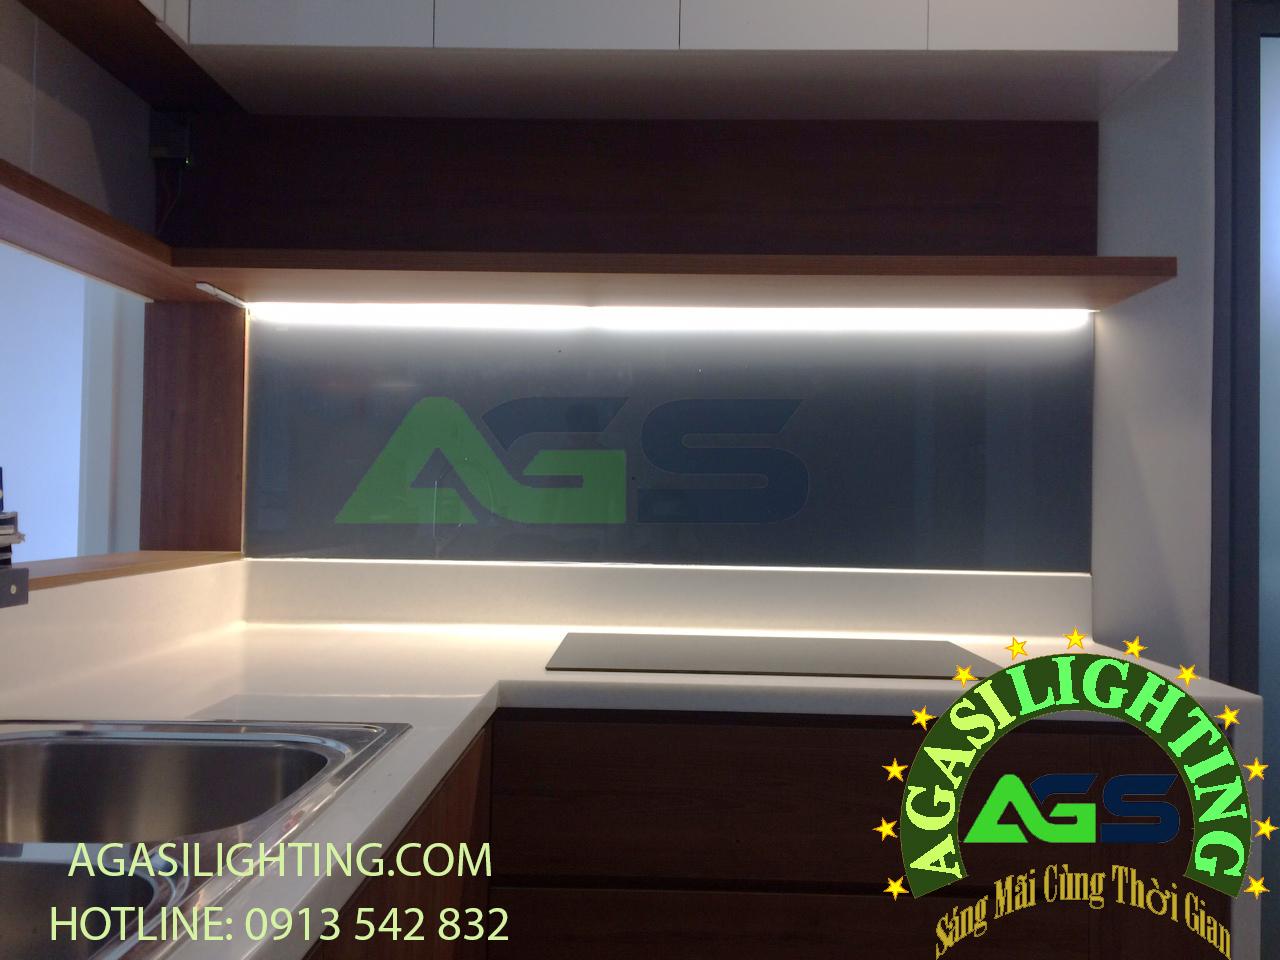 ứng dụng đèn led 3014 vào trang trí và chiếu sáng bàn bếp